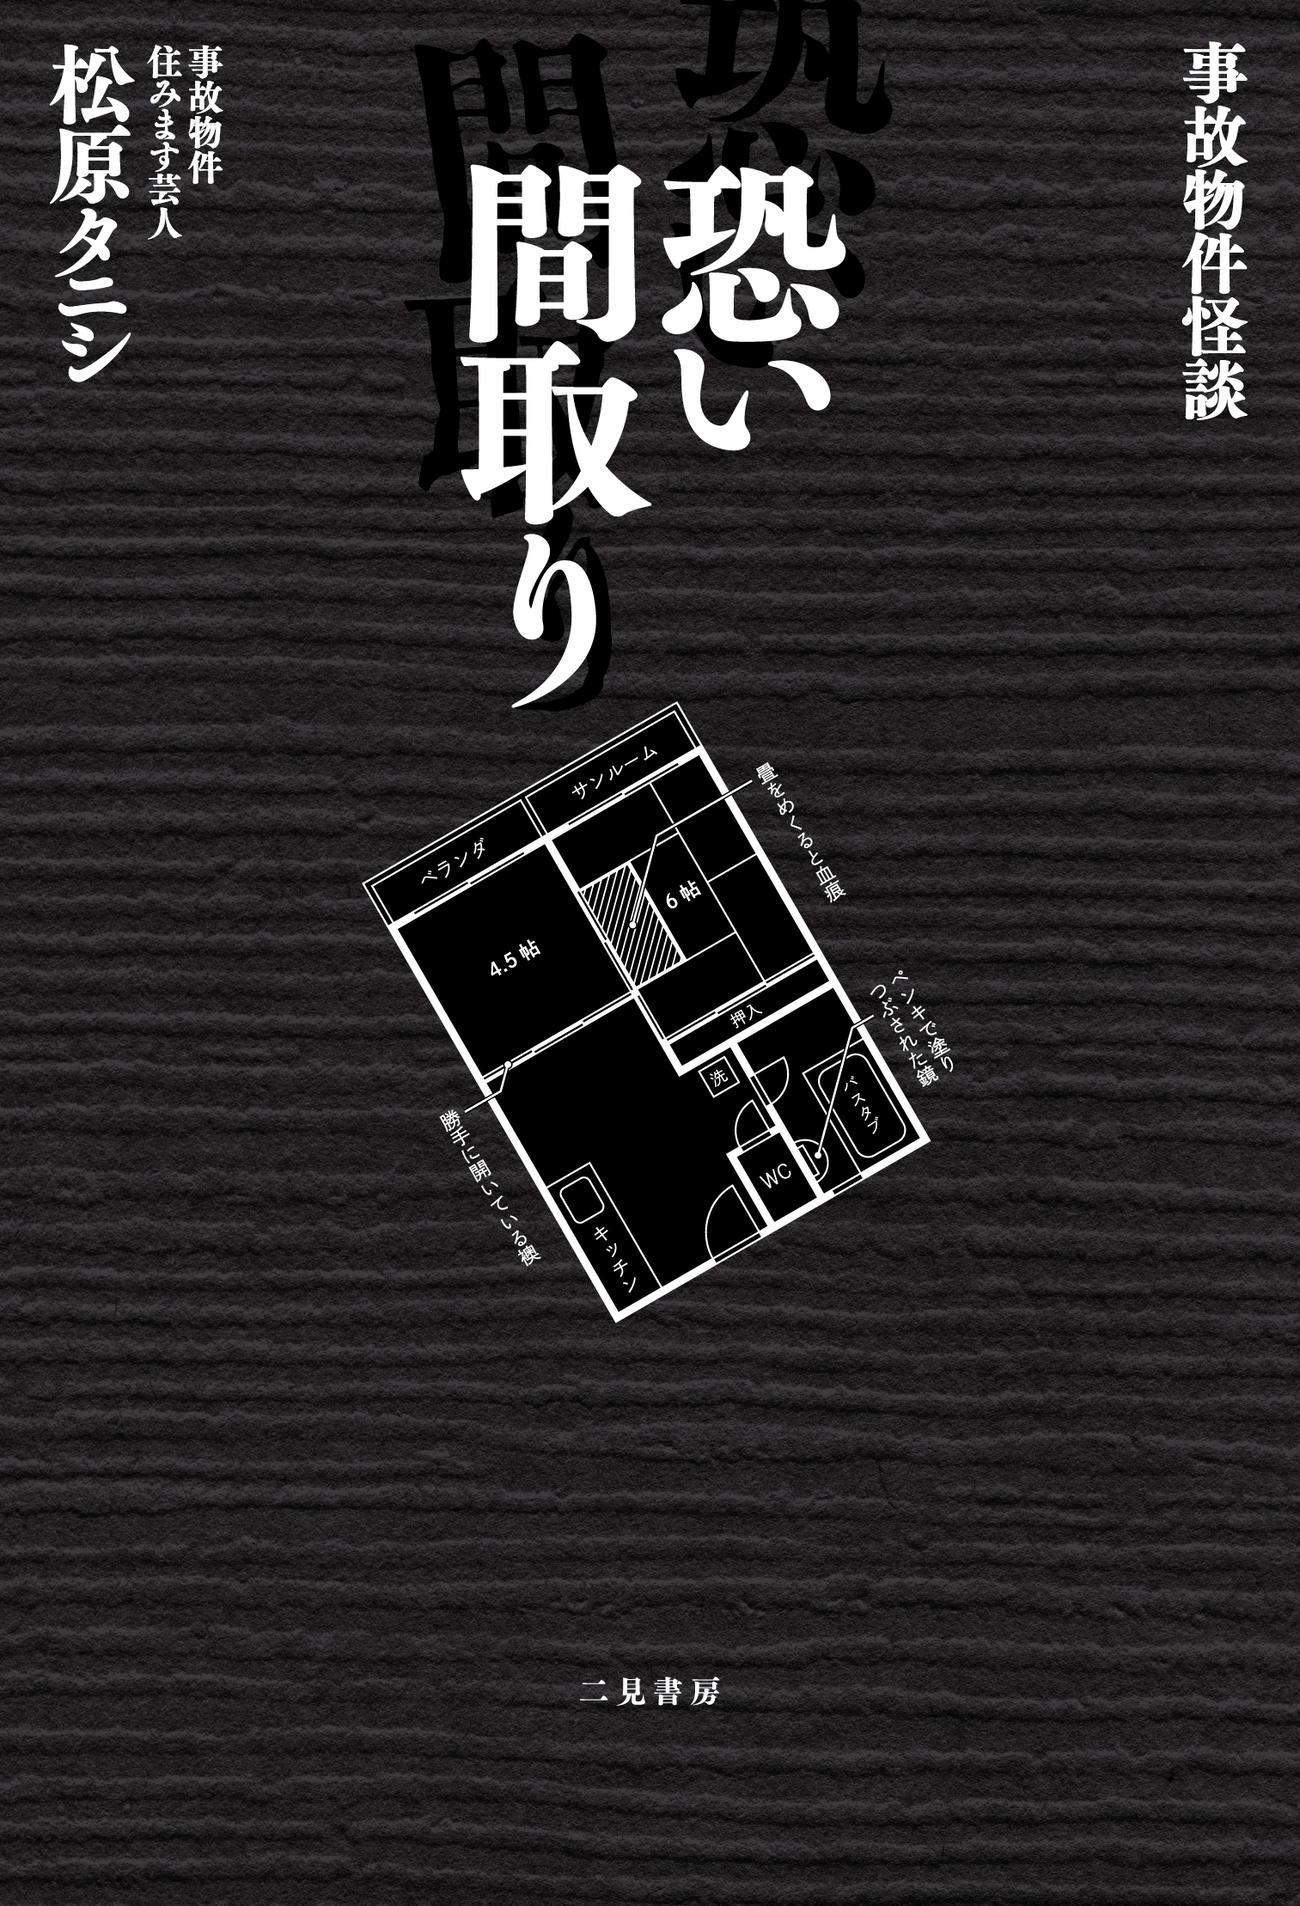 映画「事故物件 恐い間取り(仮題)」原作ノンフィクションの書影